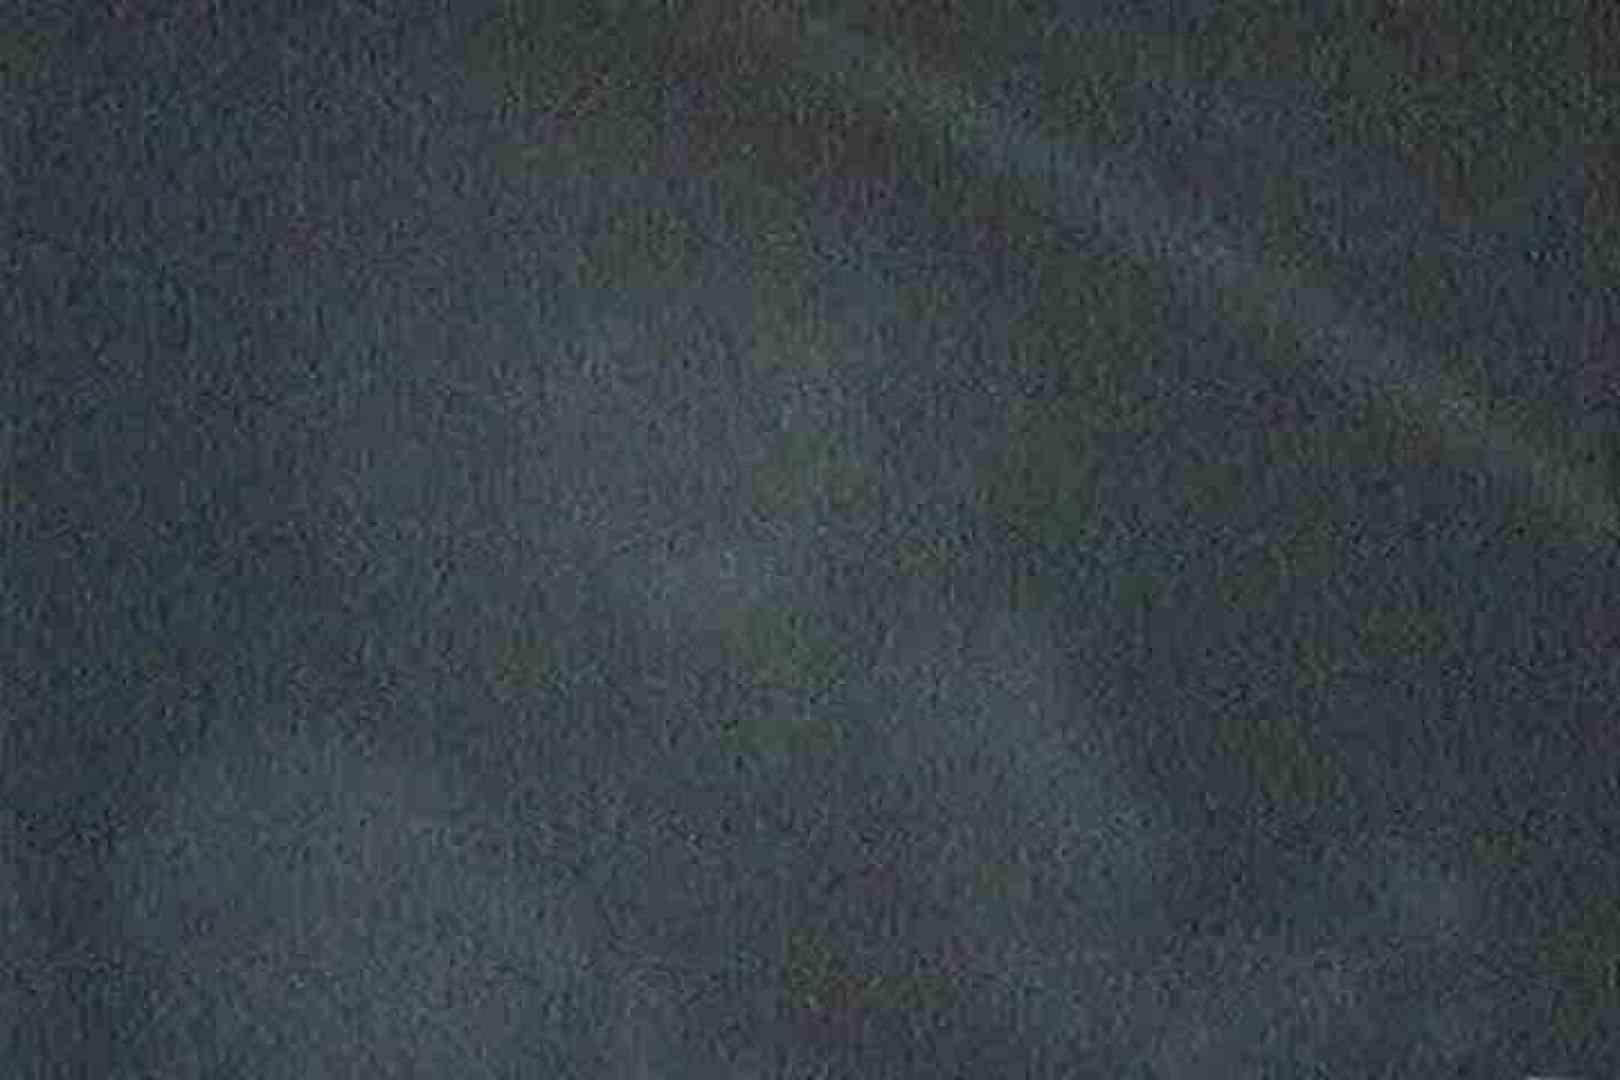 充血監督の深夜の運動会Vol.161 おっぱい | OLエロ画像  61PICs 15